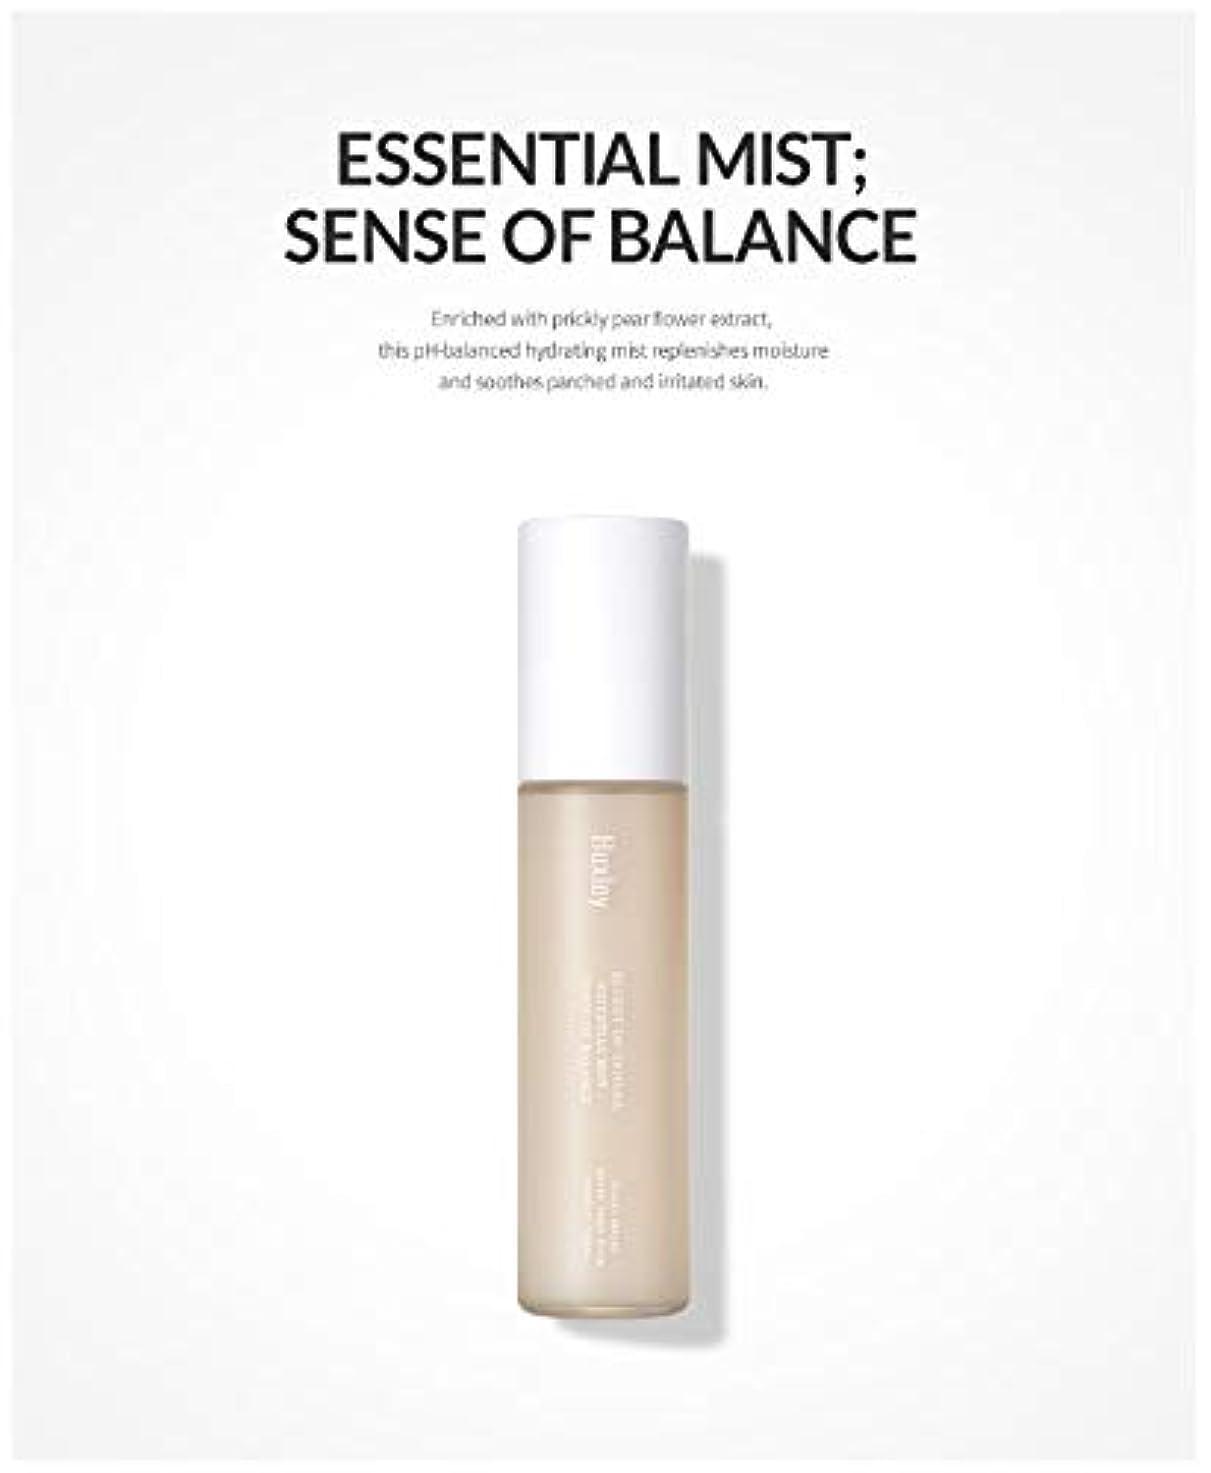 不明瞭誘発する協同[Huxley] ESSENTIAL MIST ; SENSE OF BALANCE 35mL/ [ハクスリー]エッセンシャルミストセンスオブバランス35mL [並行輸入品]